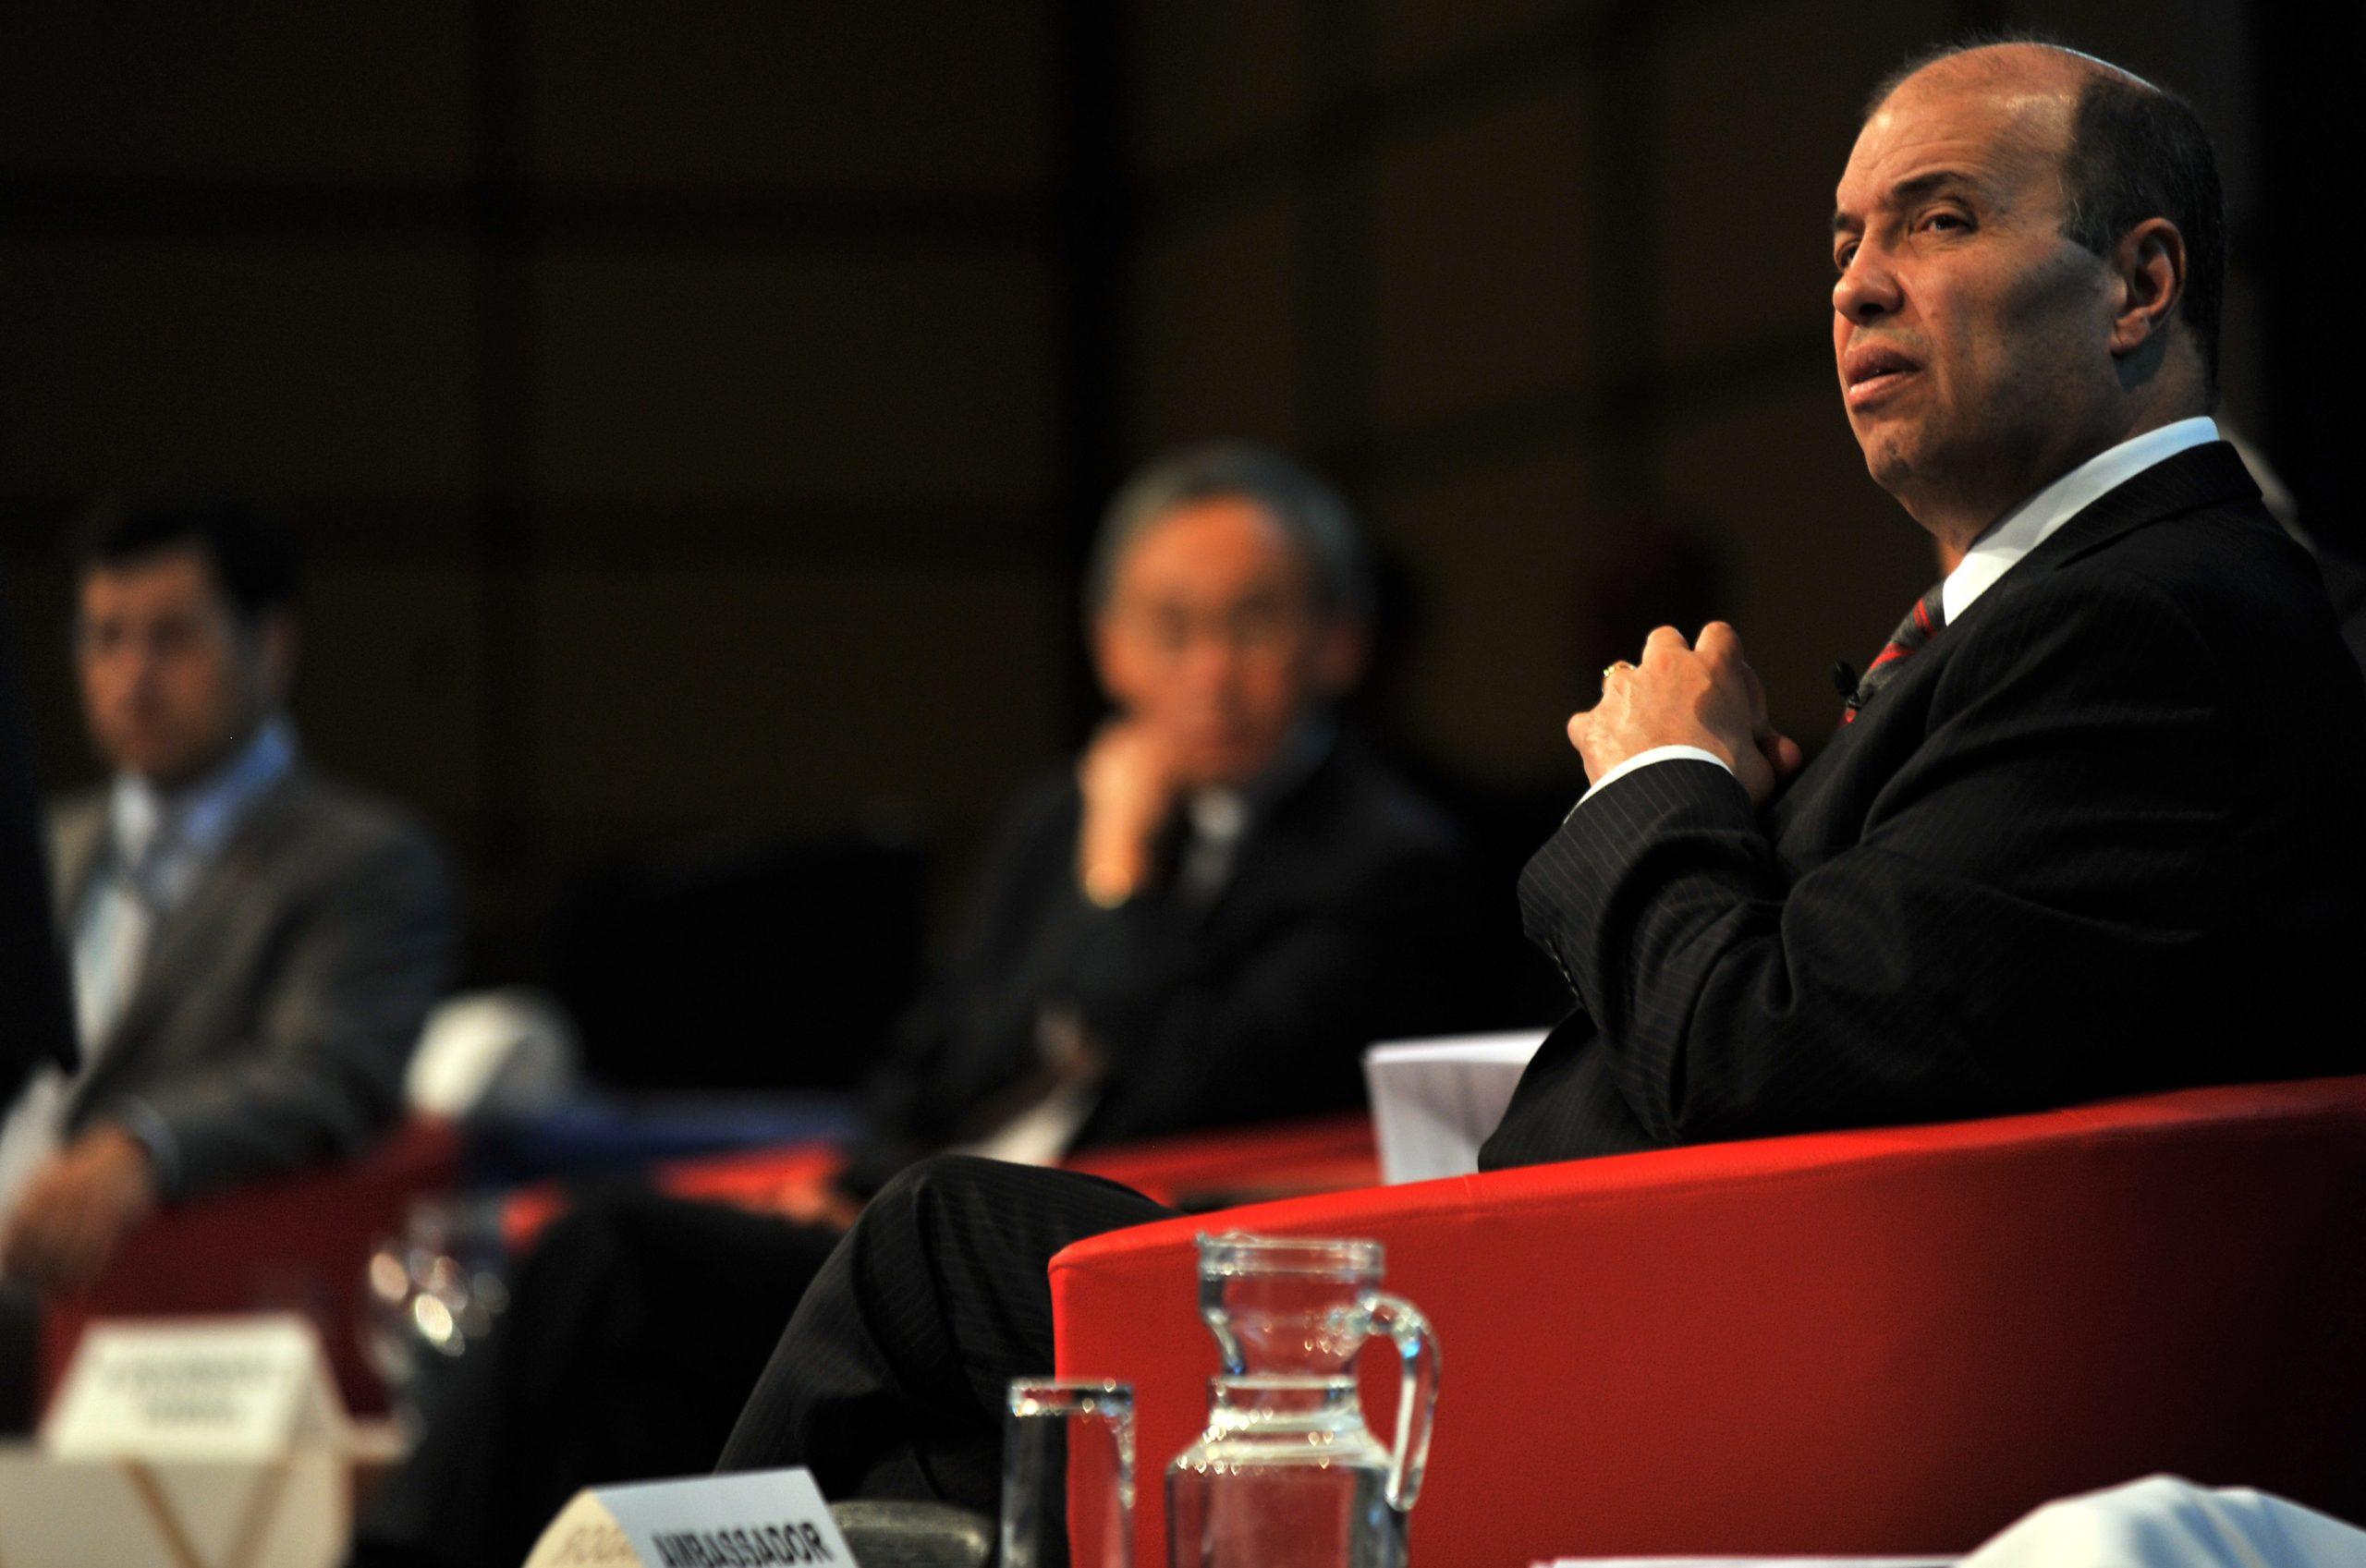 صورة زنيبر: المغرب متشبث باتفاقيات نزع وعدم انتشار الأسلحة